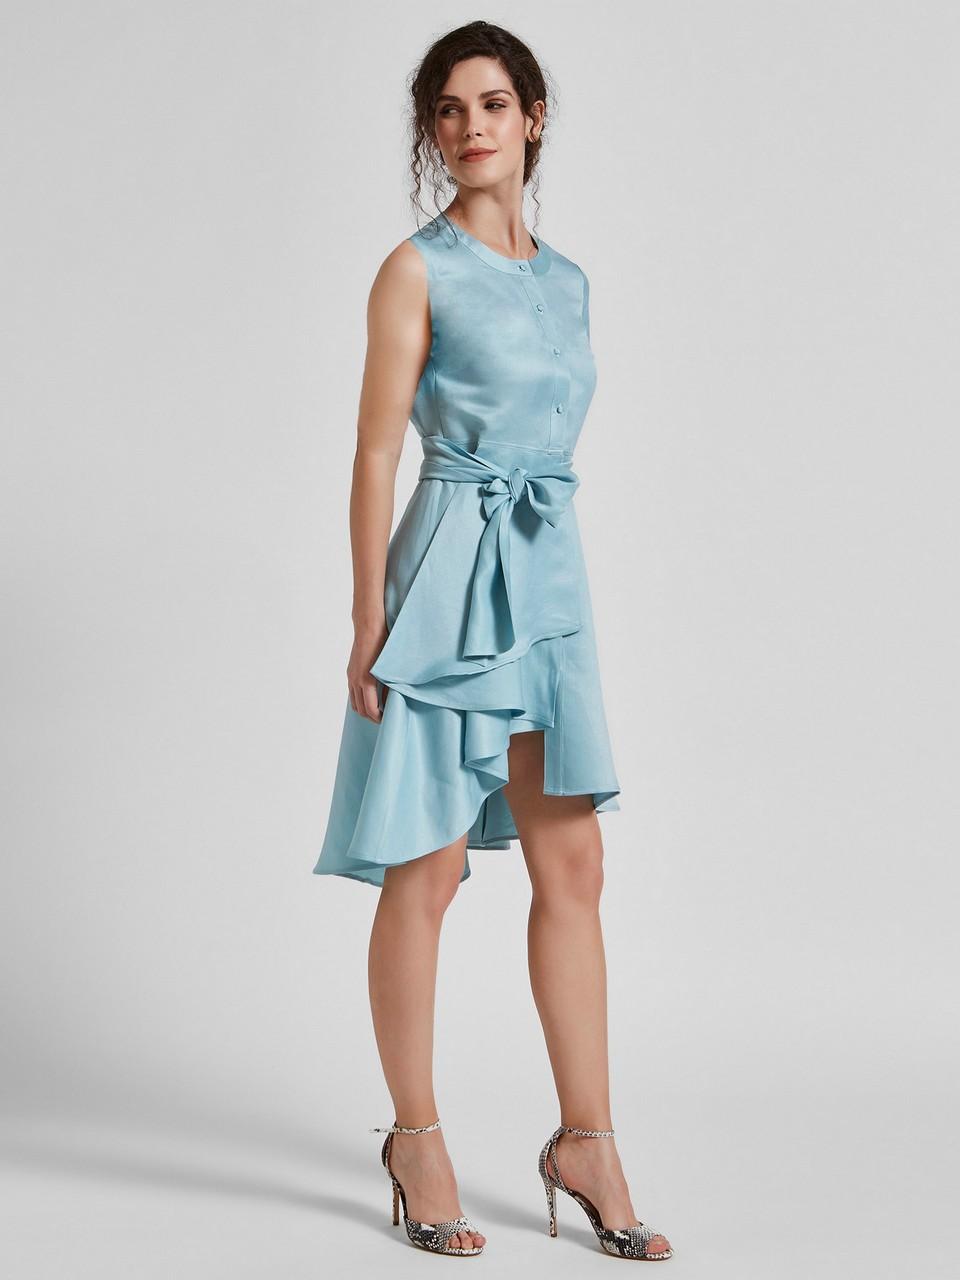 Sıfır Yaka Asimetrik Kesim Belden Bağlamalı Elbise